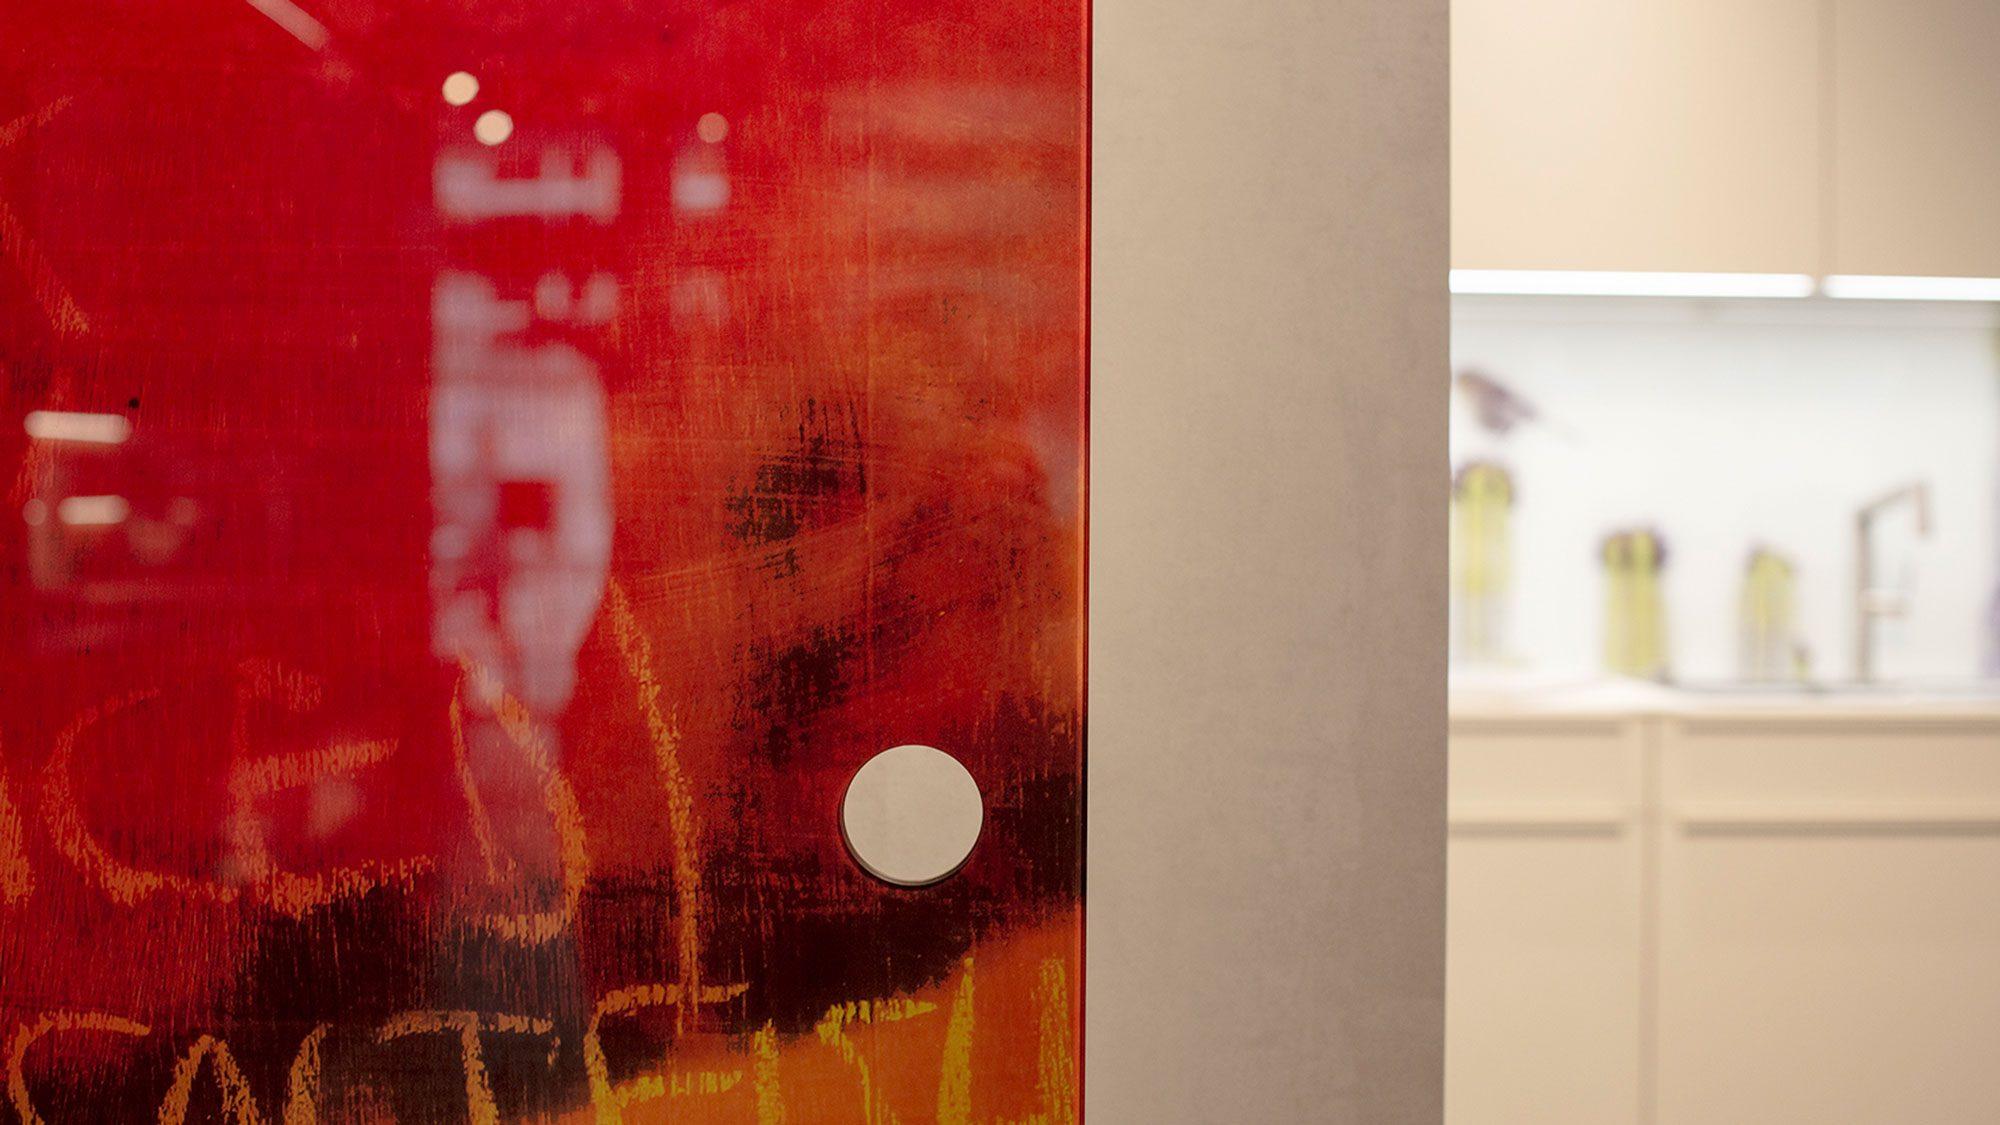 Schiebetüre im Ausstellungsraum